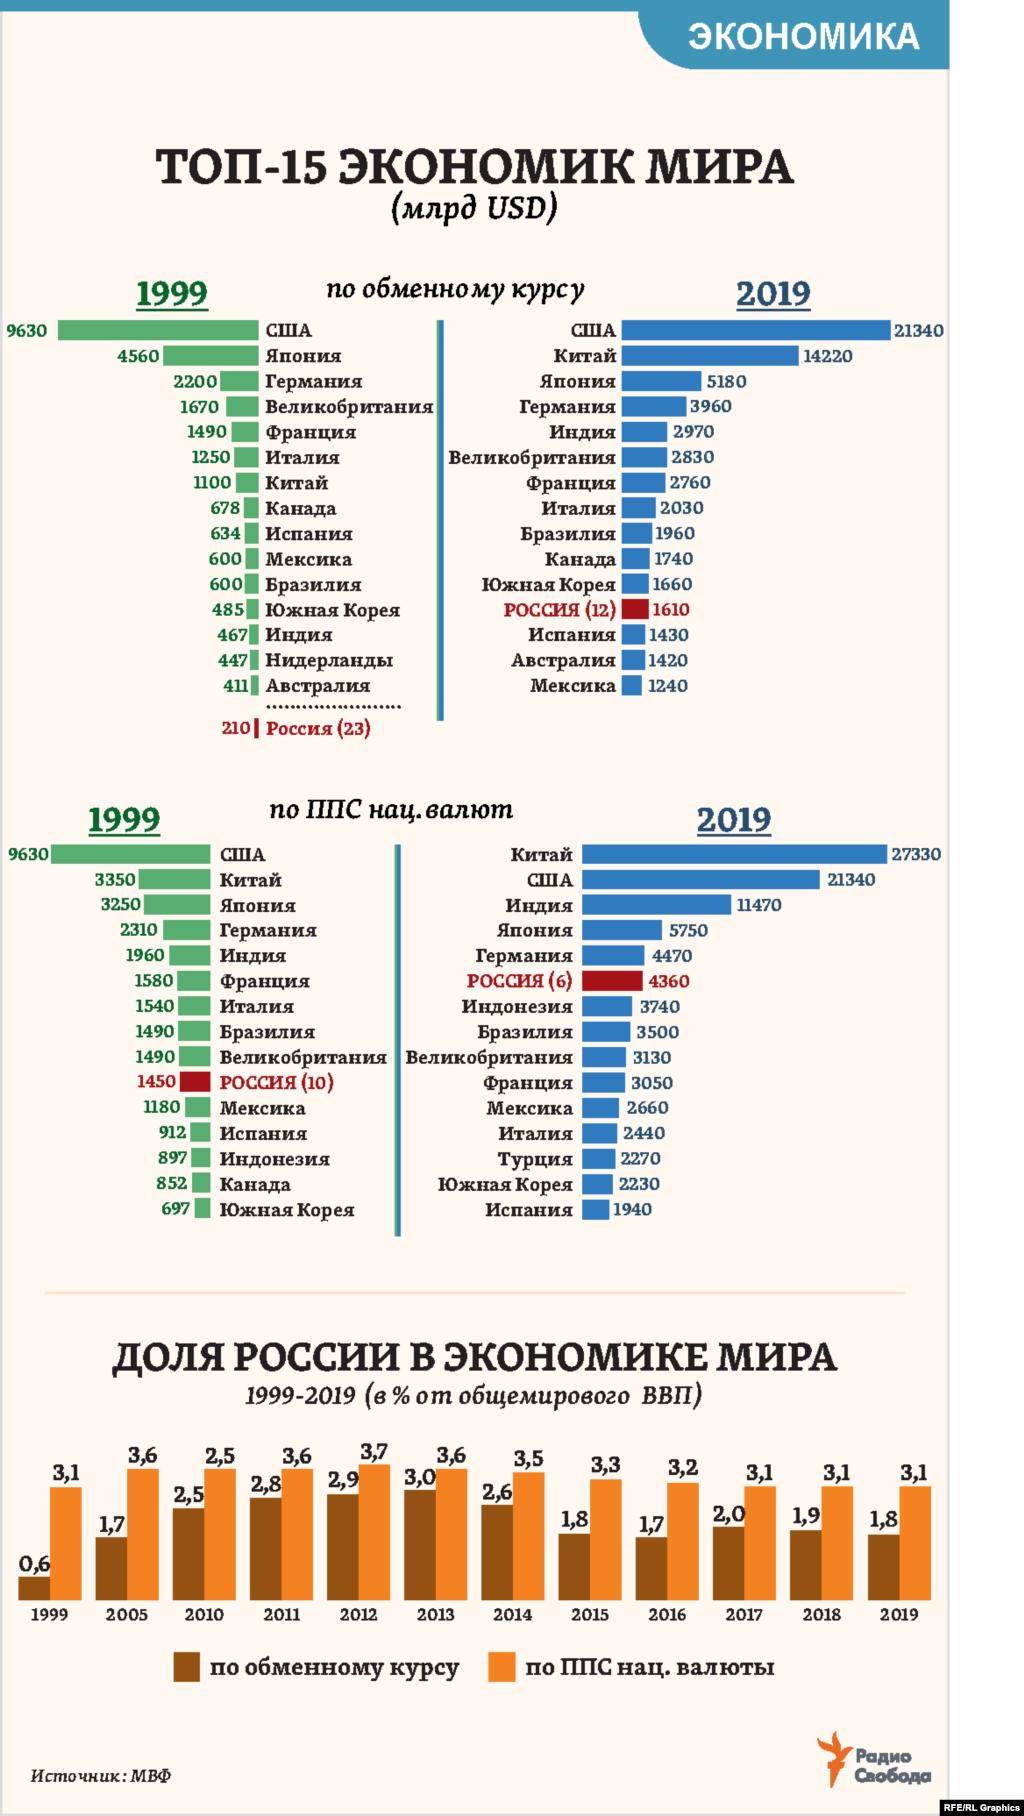 Россия вошла в первую десятку экономик мира (считая по паритету покупательной способности национальных валют – ППС, крупнейшая на сегодня – Китай) еще 20 лет назад. В 2000 году стала 7-й и с тех пор поднялась лишь на одно место в рейтинге МВФ. Если же считать ВВП по обменном курсу национальных валют (крупнейшая в мире экономика – США), то Россия и до сих пор остается за пределами первой десятки, в которую входят сразу три других страны БРИКС.